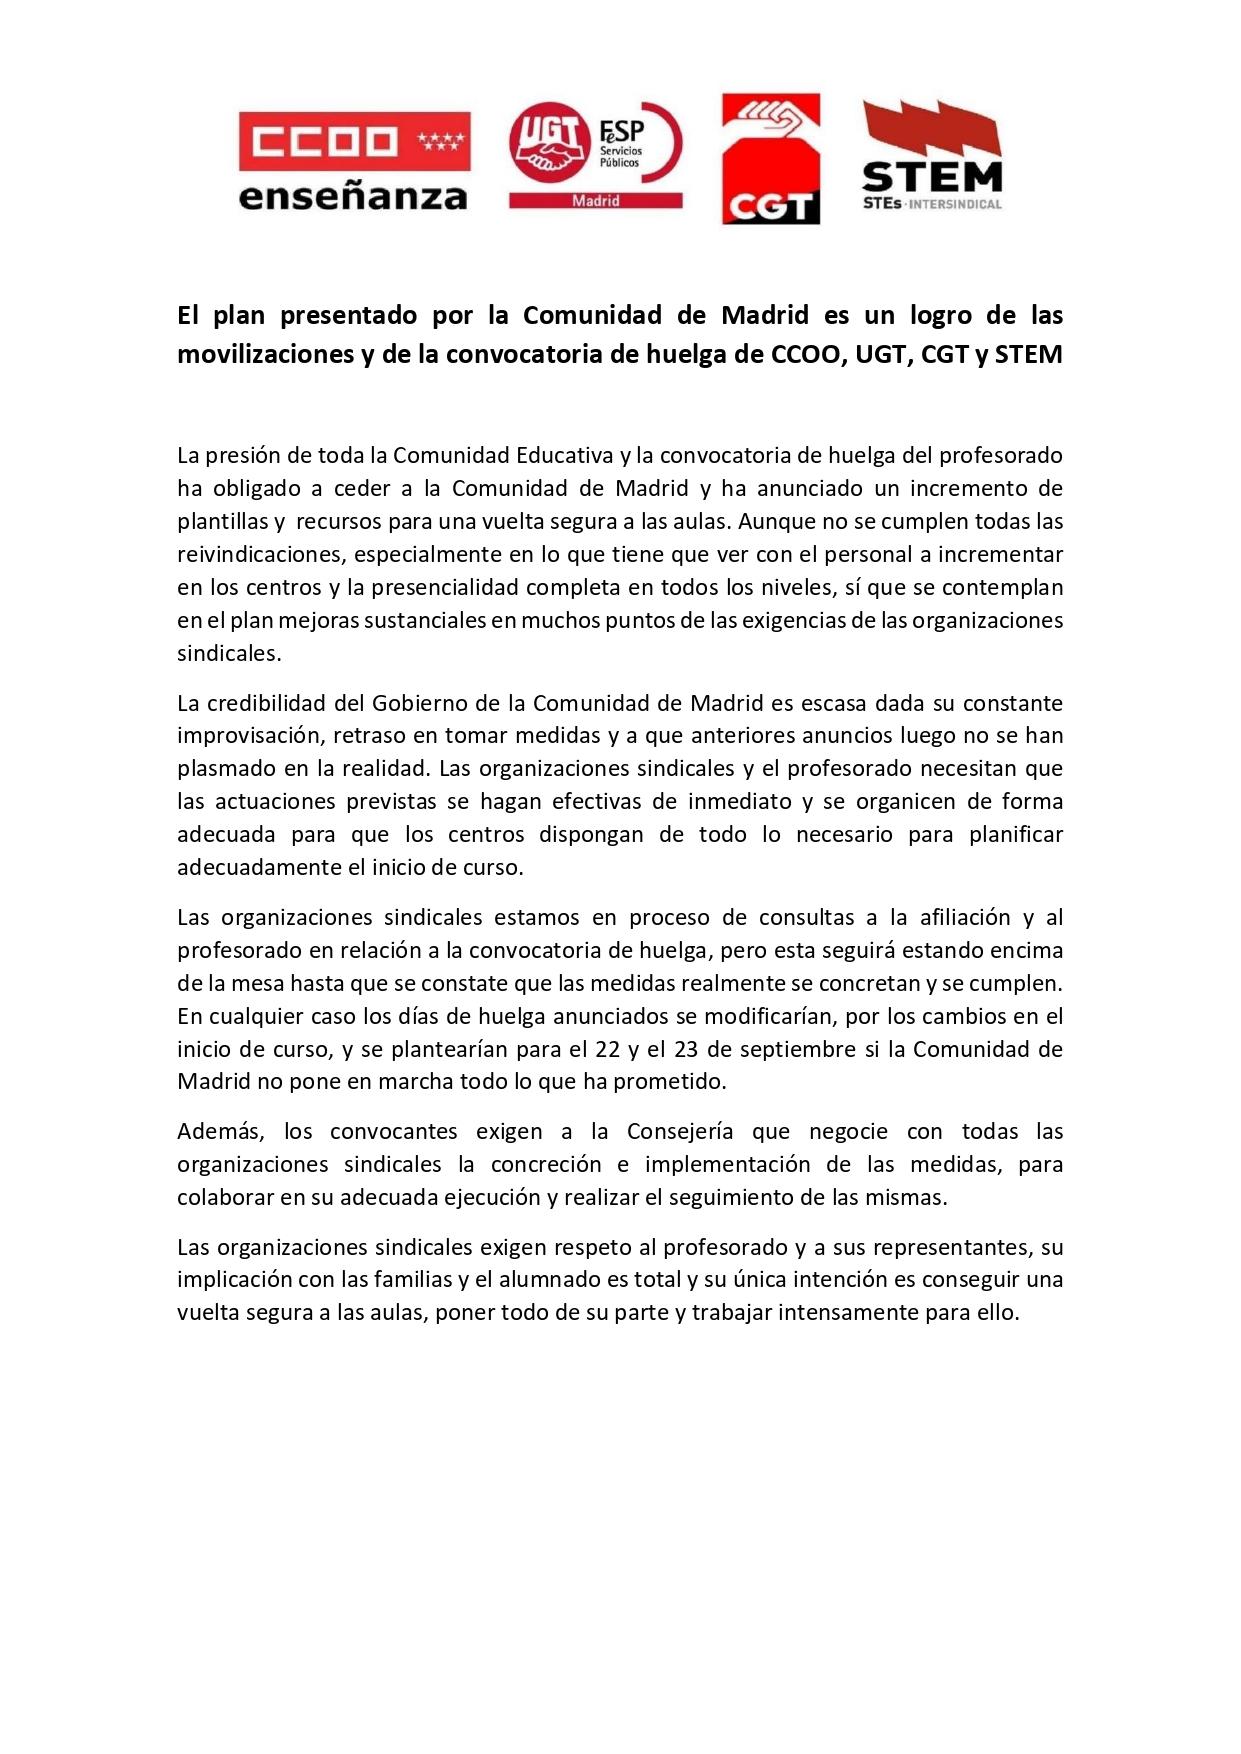 Comunicado Intersindical Plan de la Comunidad de Madrid para el inicio de curso_page-0001